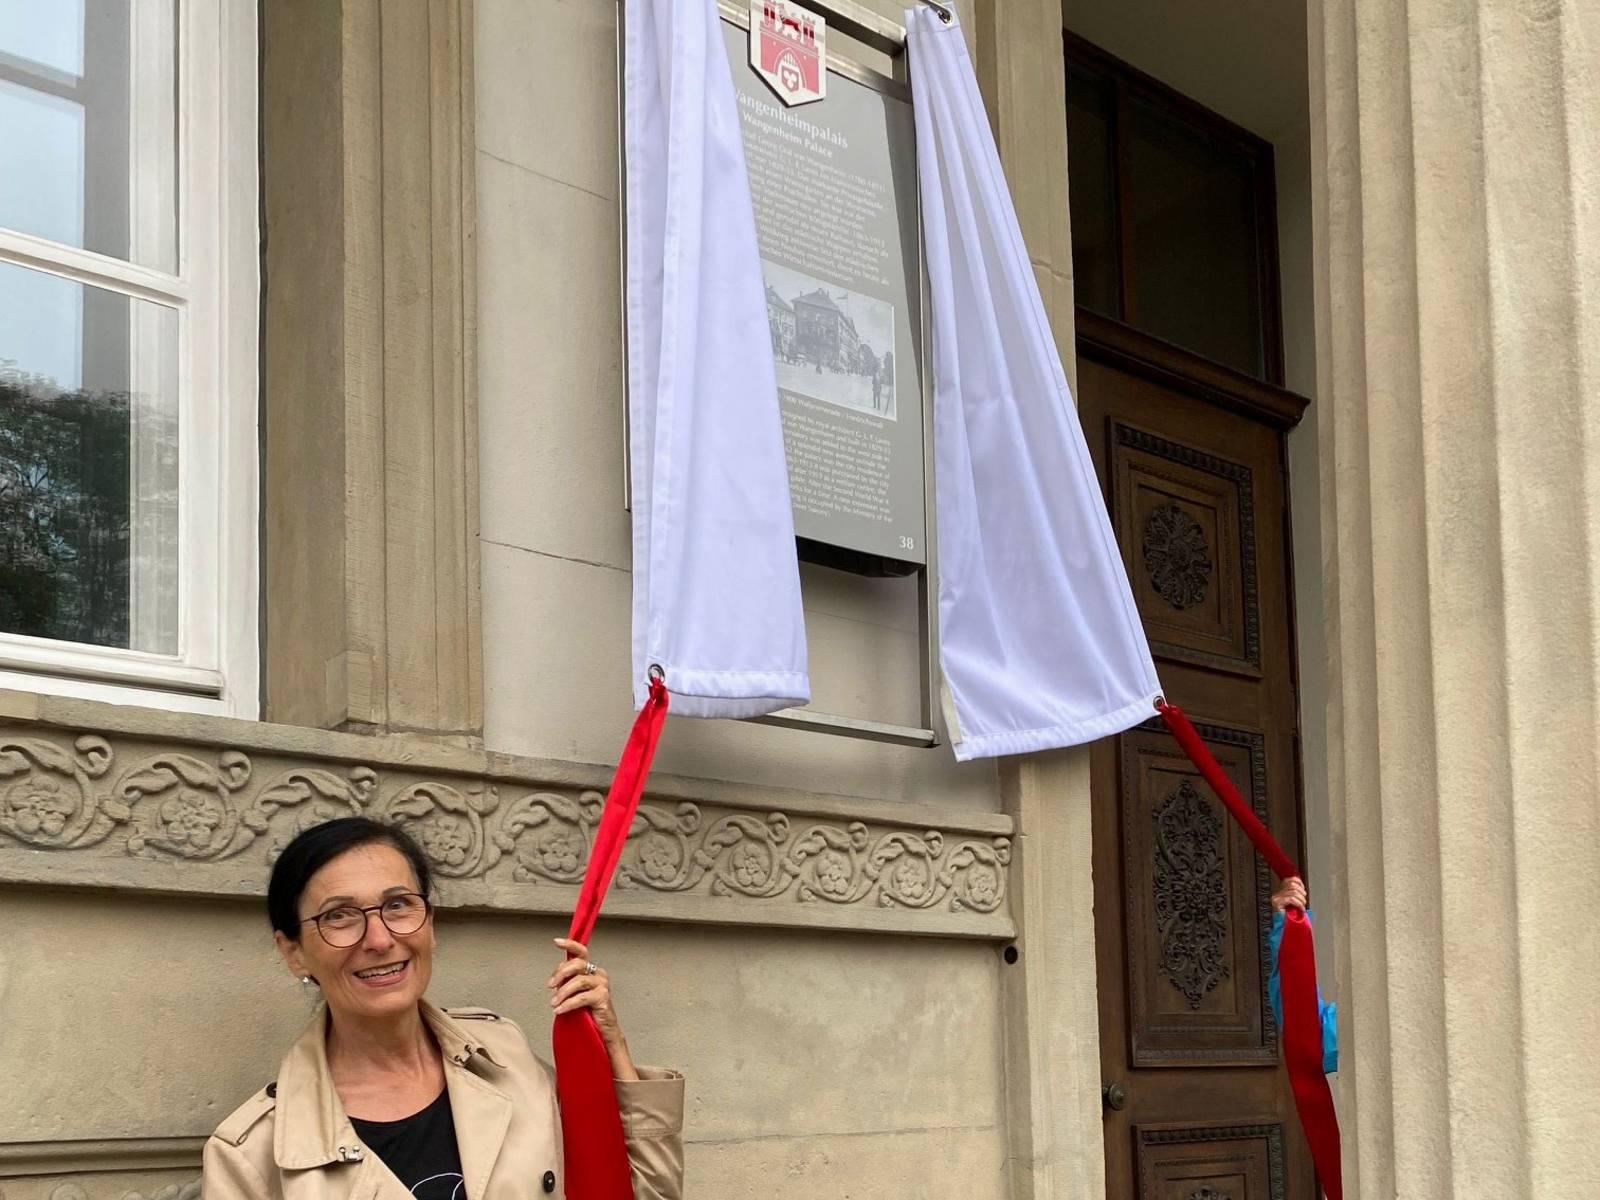 """Enthüllung der Stadttafel """"Wangenheimpalais"""" durch Bürgermeisterin Regine Kramarek"""